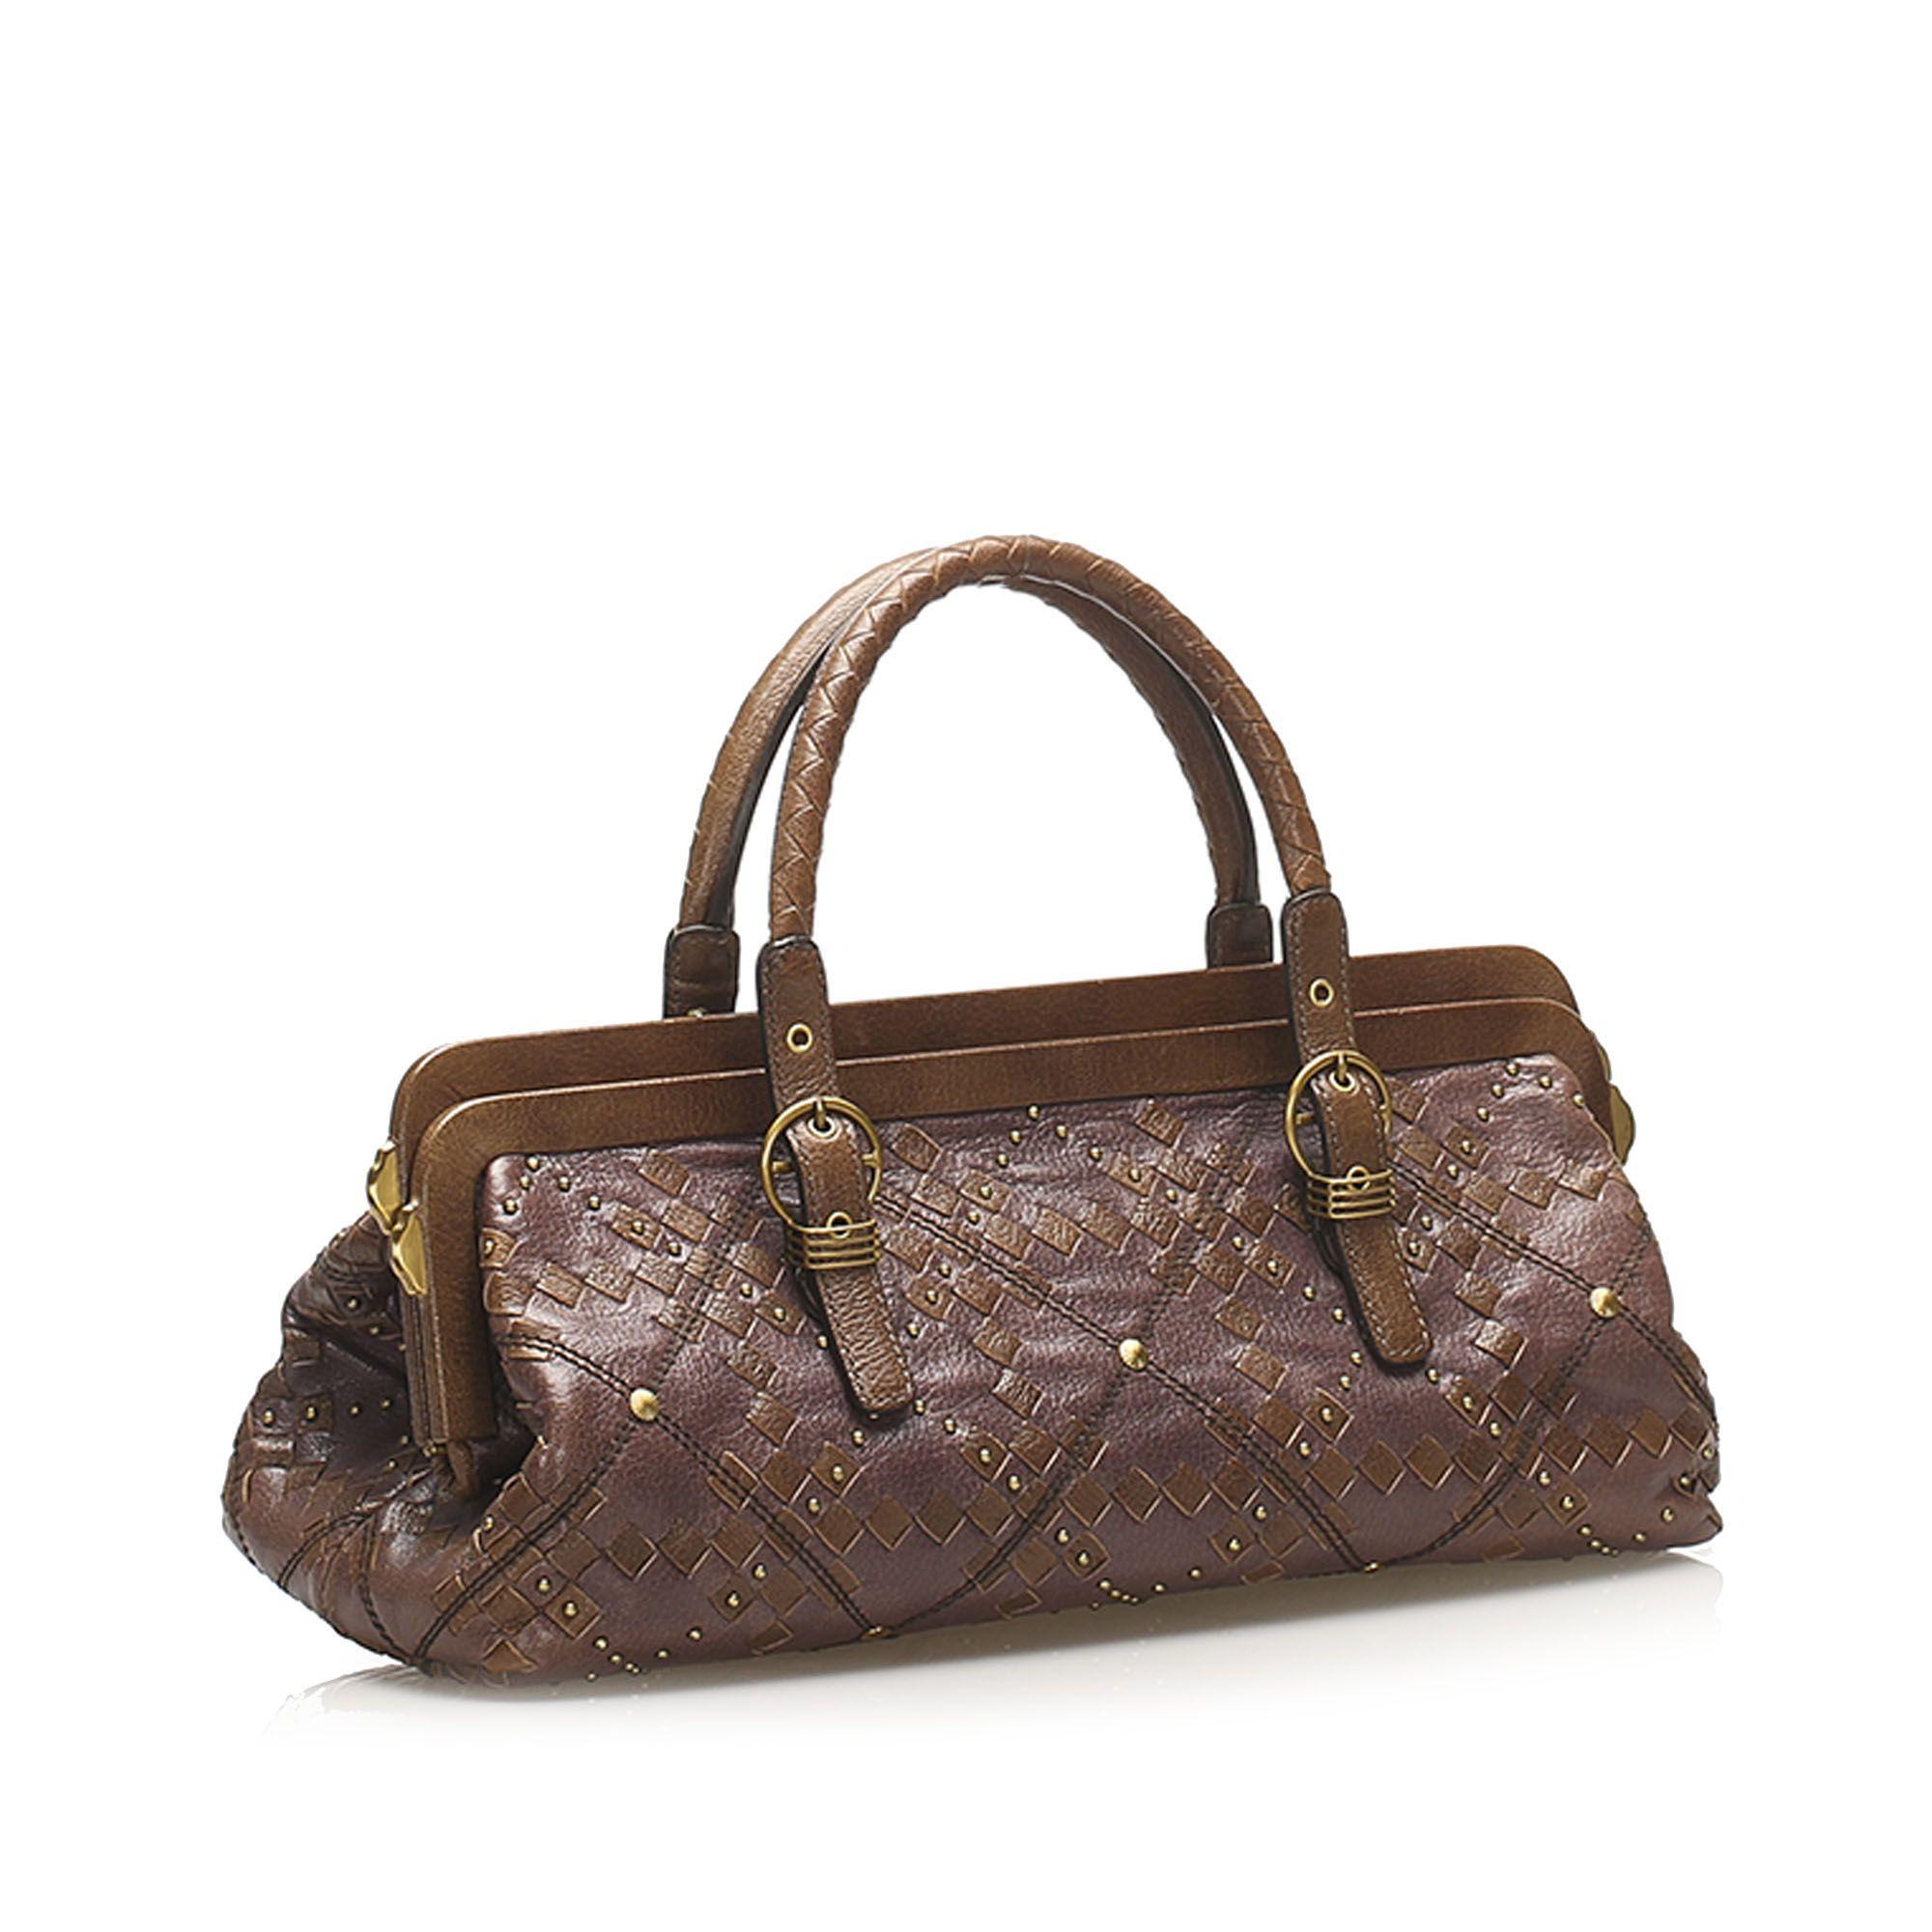 Vintage Bottega Veneta Intrecciato Leather Handbag Brown